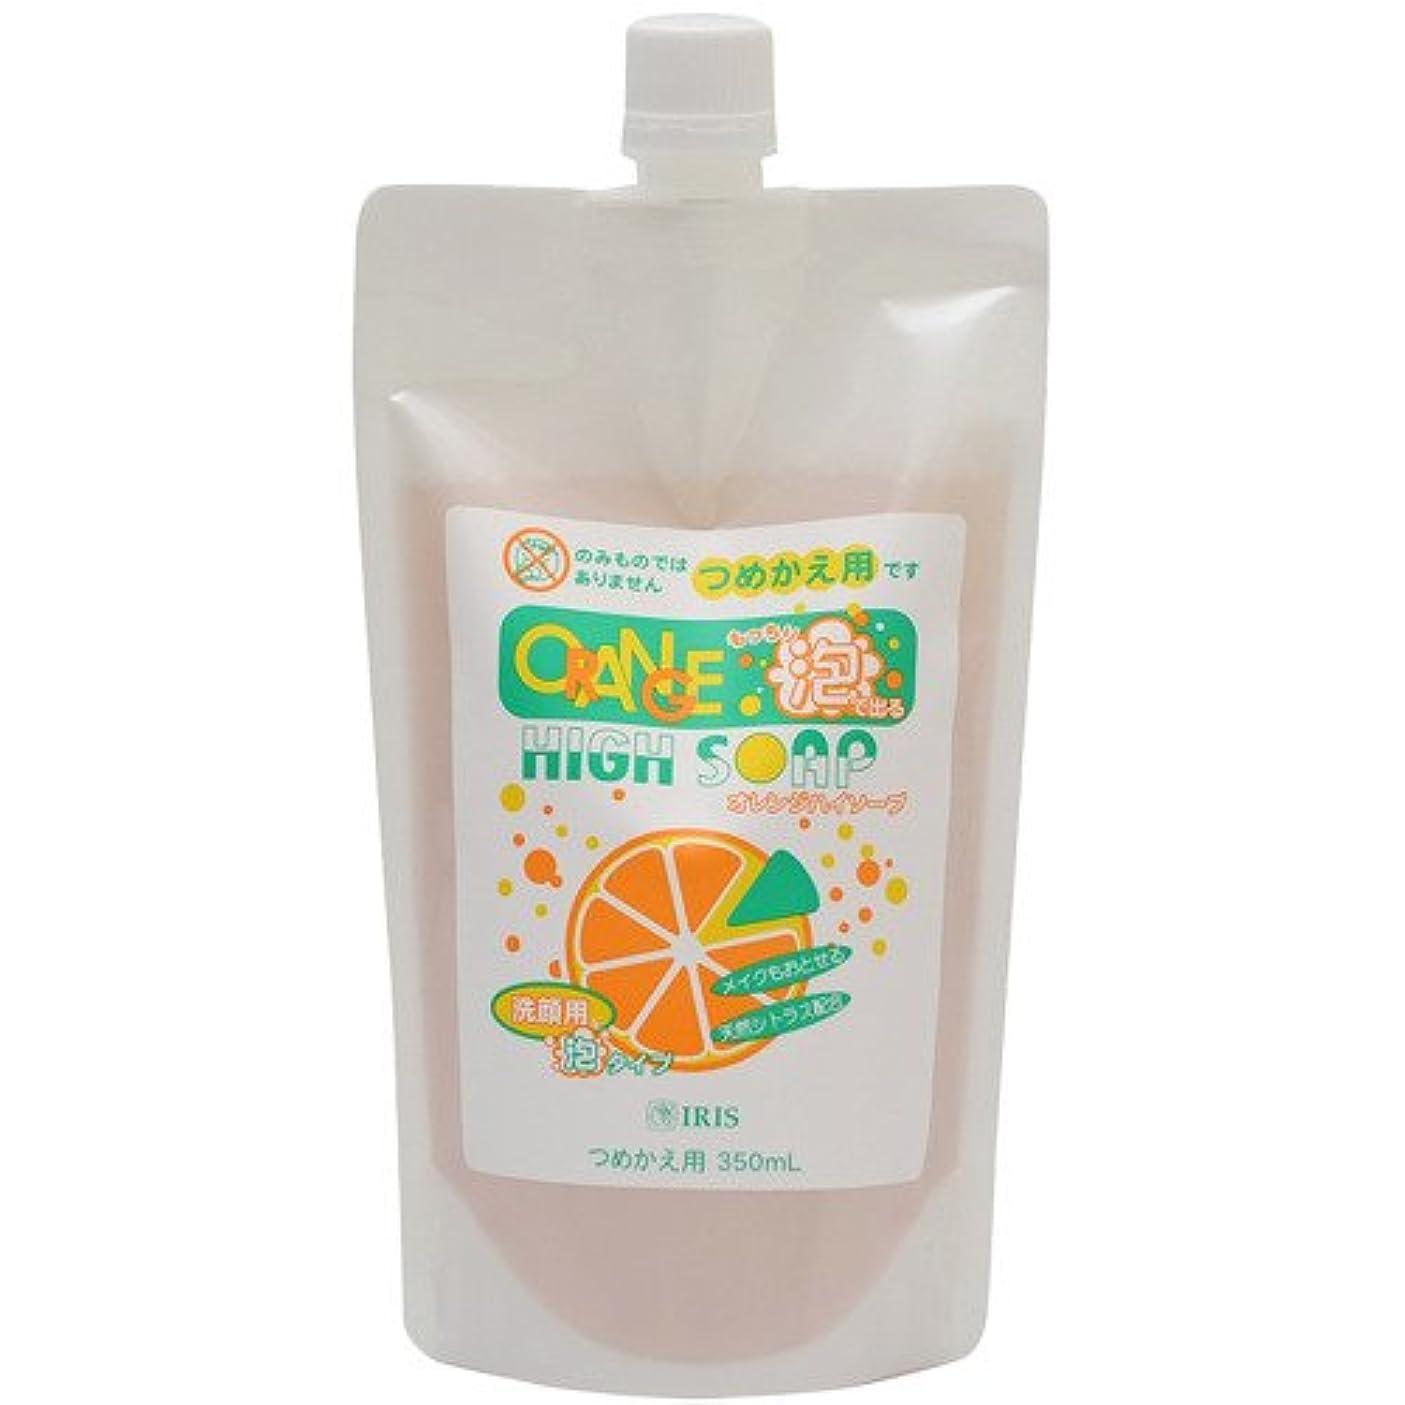 快適朝ごはんモードリンオレンジハイソープ 洗顔用 泡タイプ ポンプ式 詰替用 350ml